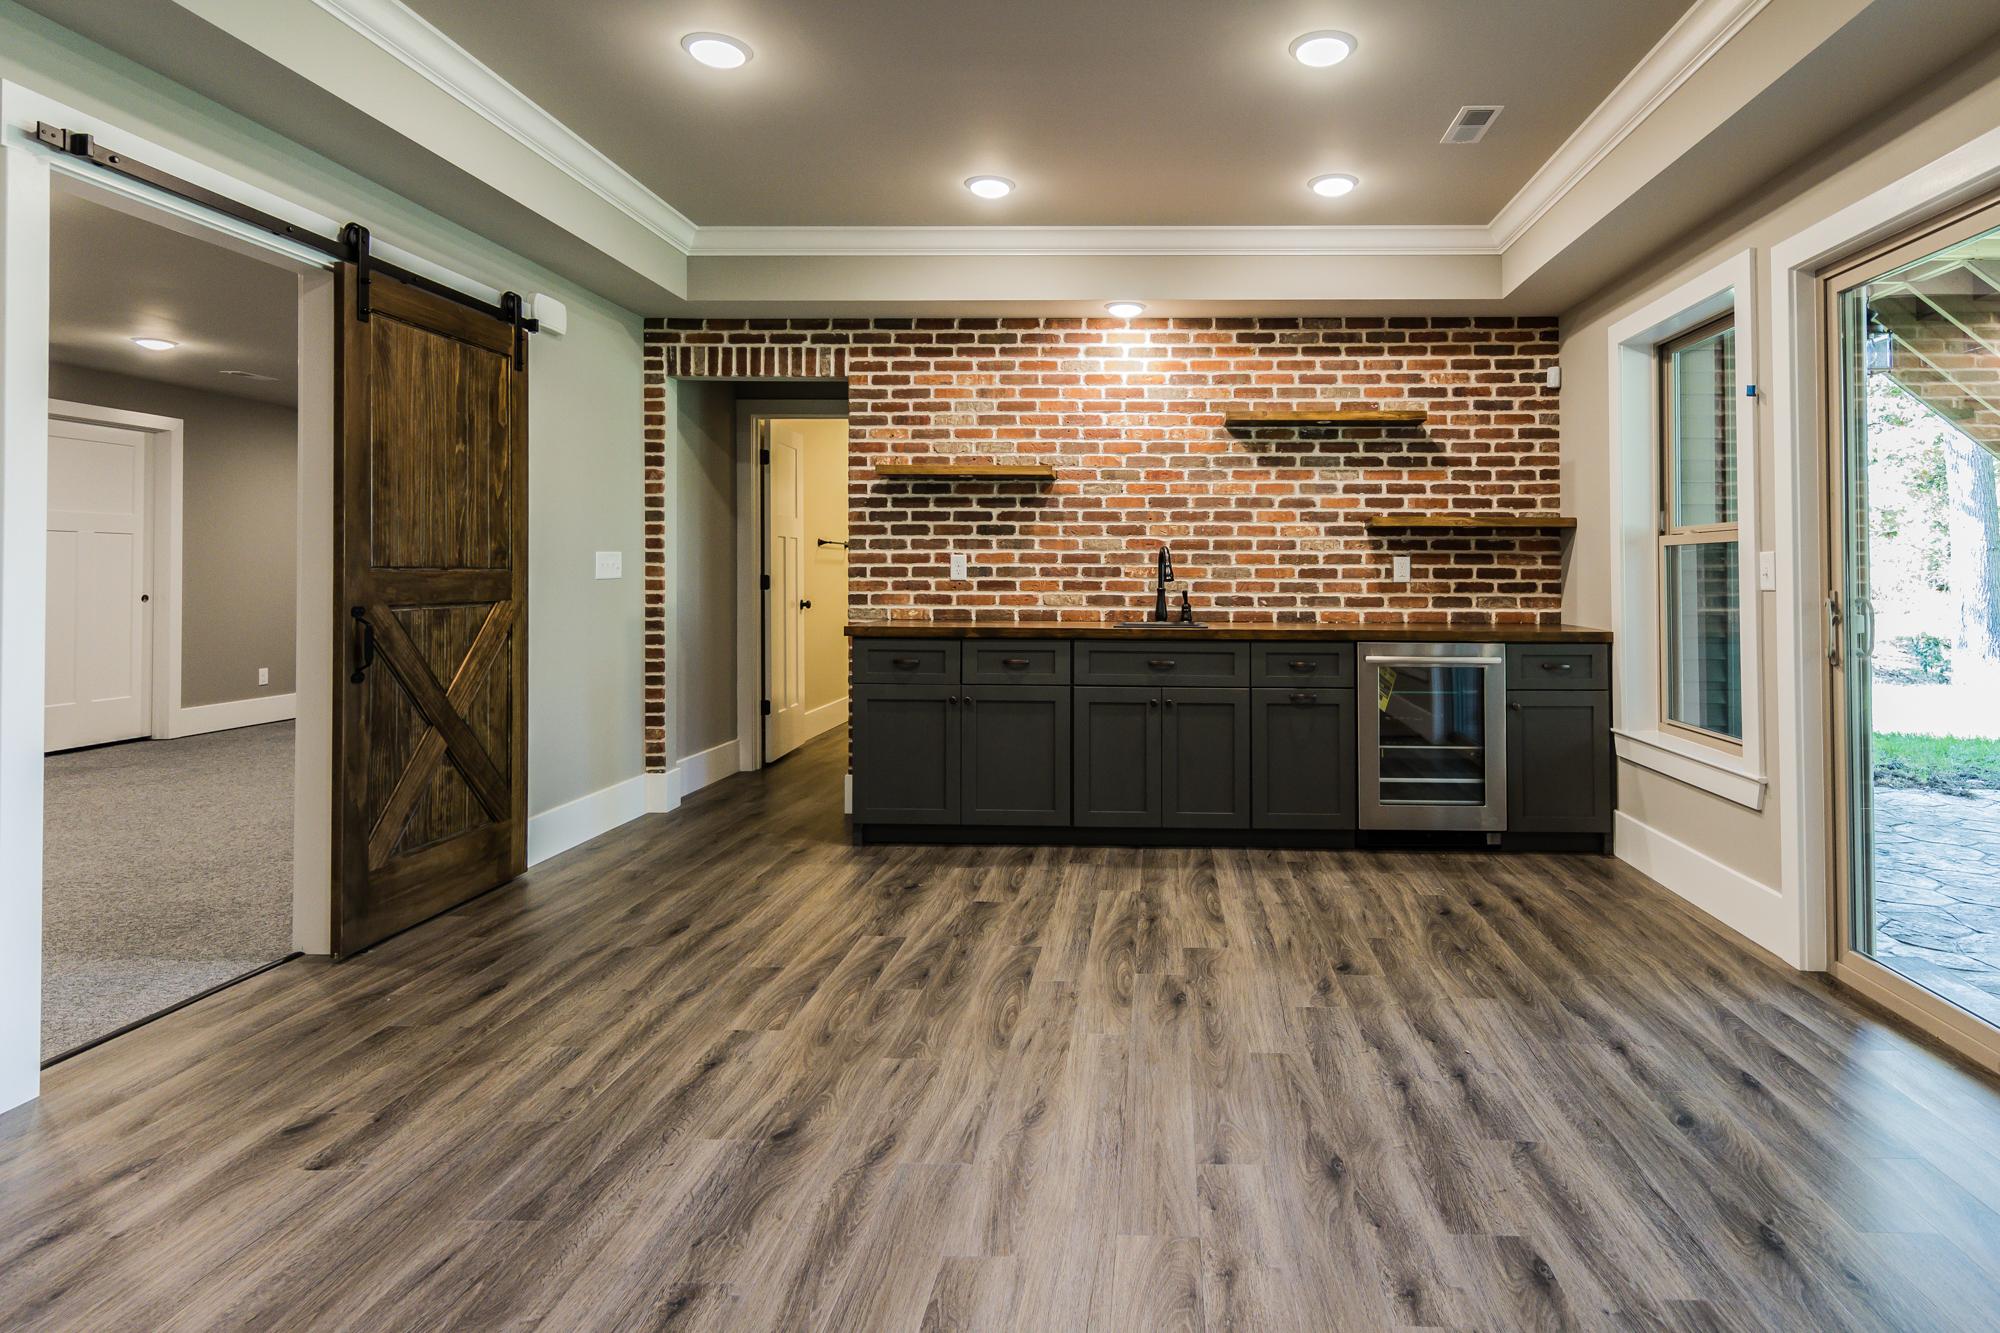 2-Scott-AFB-Real-Estate-For-Sale-O'Fallon-Illinois-62269-42.jpg